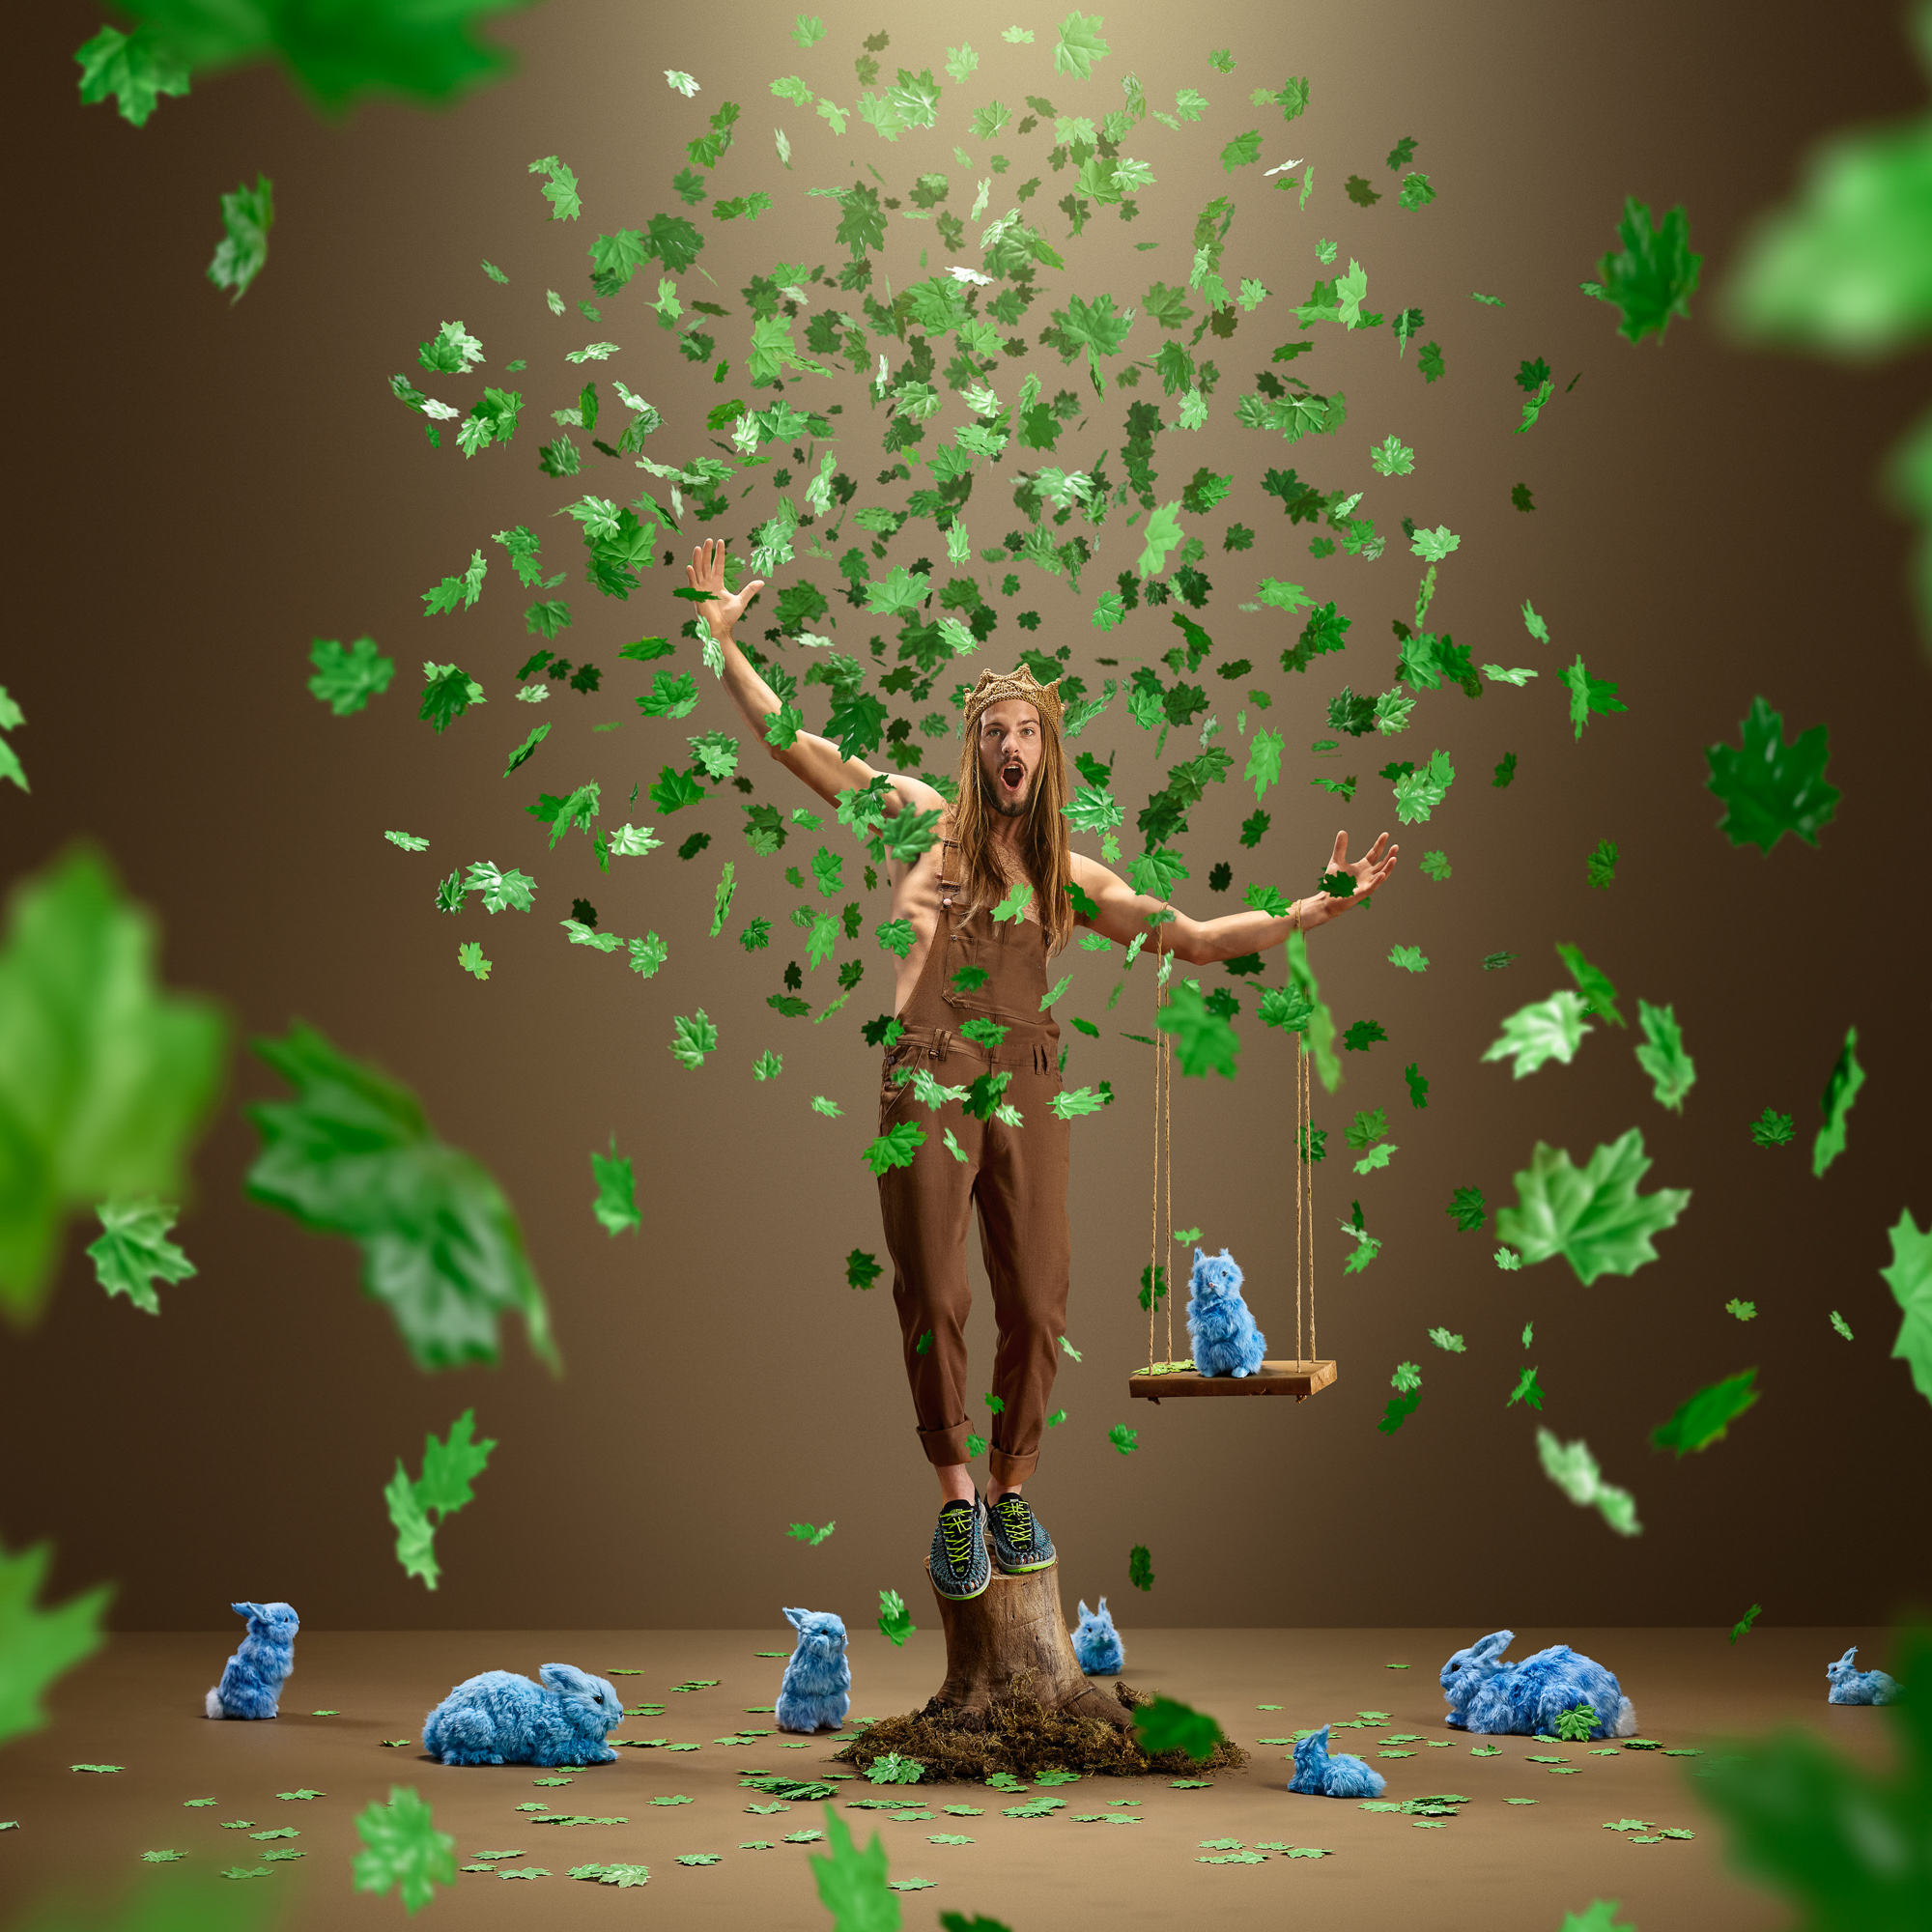 KEEN_TreeKing_FINALv2_8bit.jpg